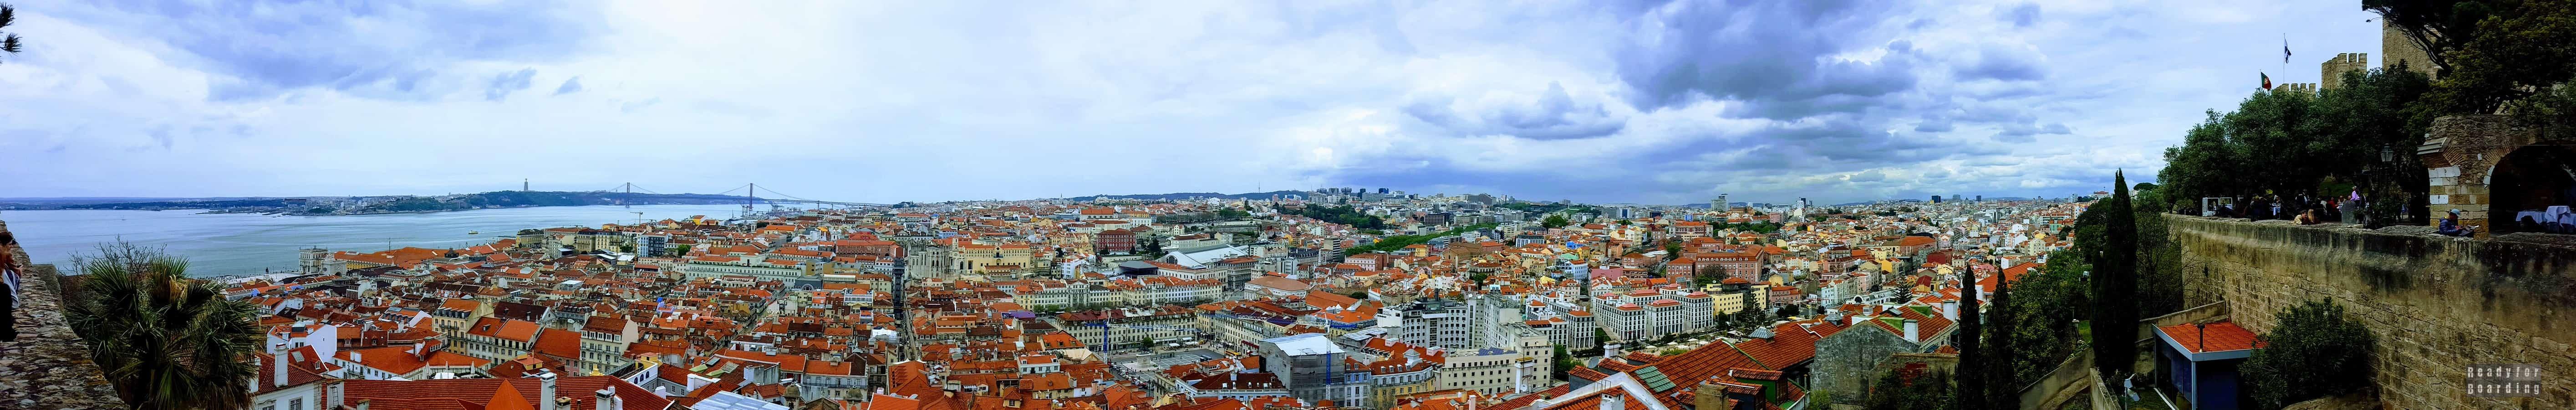 Panorama: Widok z Castelo de Sao Jorge (Zamek Św. Jerzego) - Lizbona